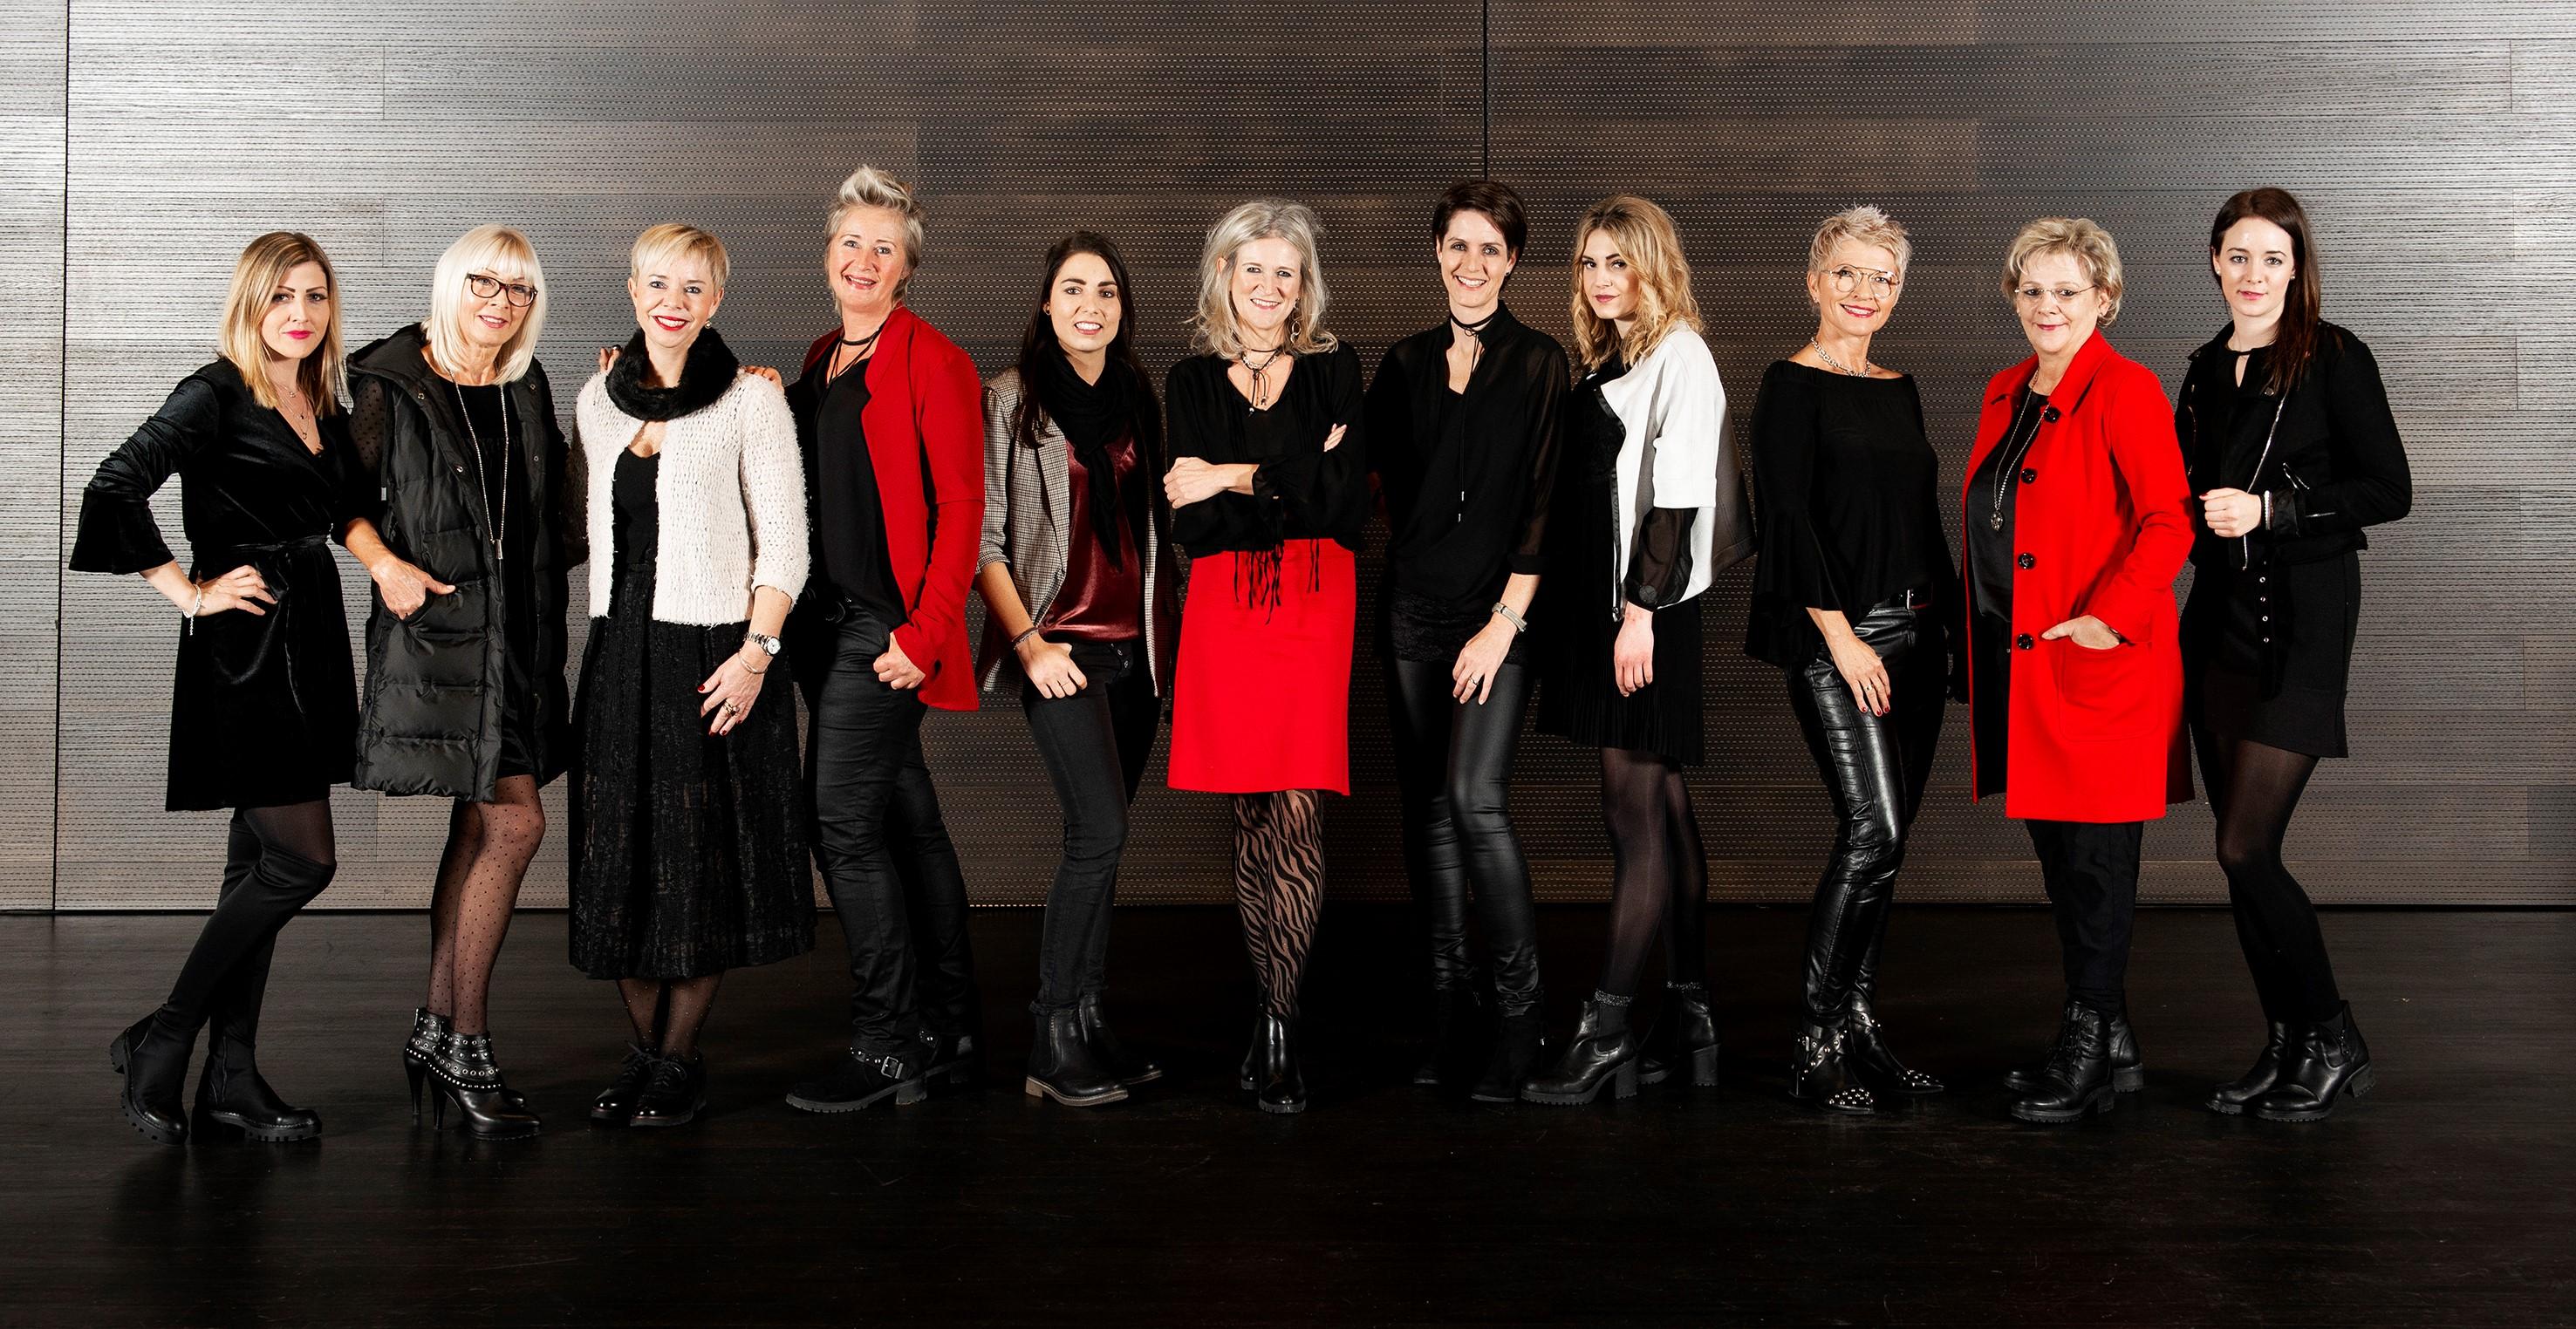 Gruppenfoto vom Kink-Team